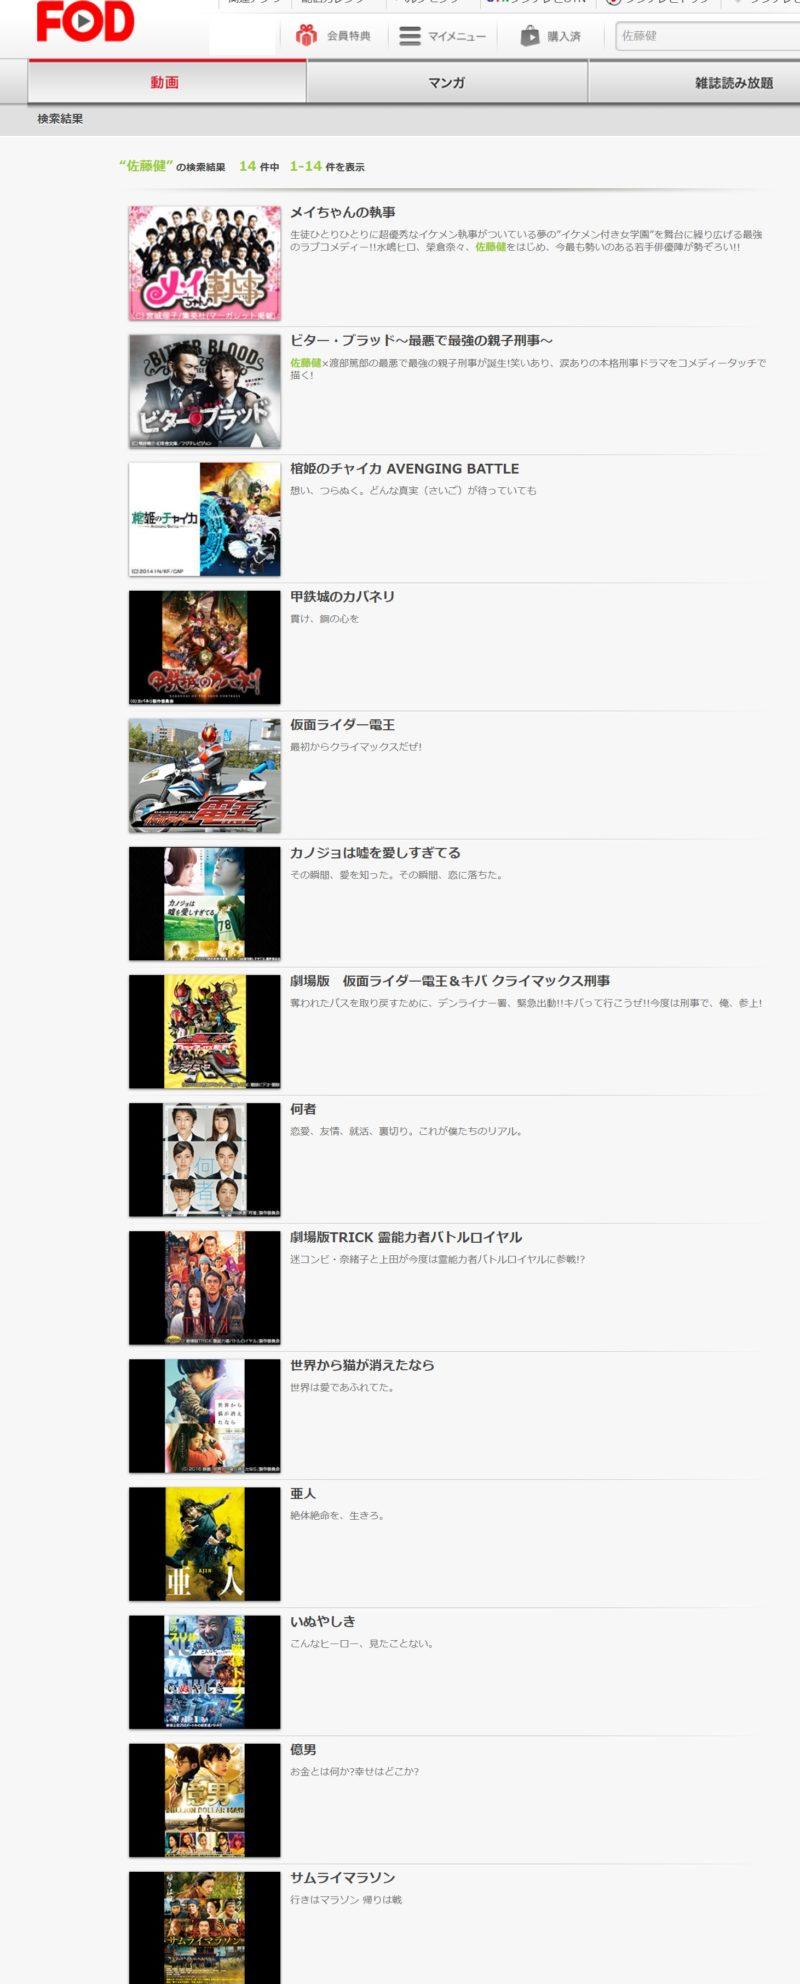 仮面ライダー電王の佐藤健の動画